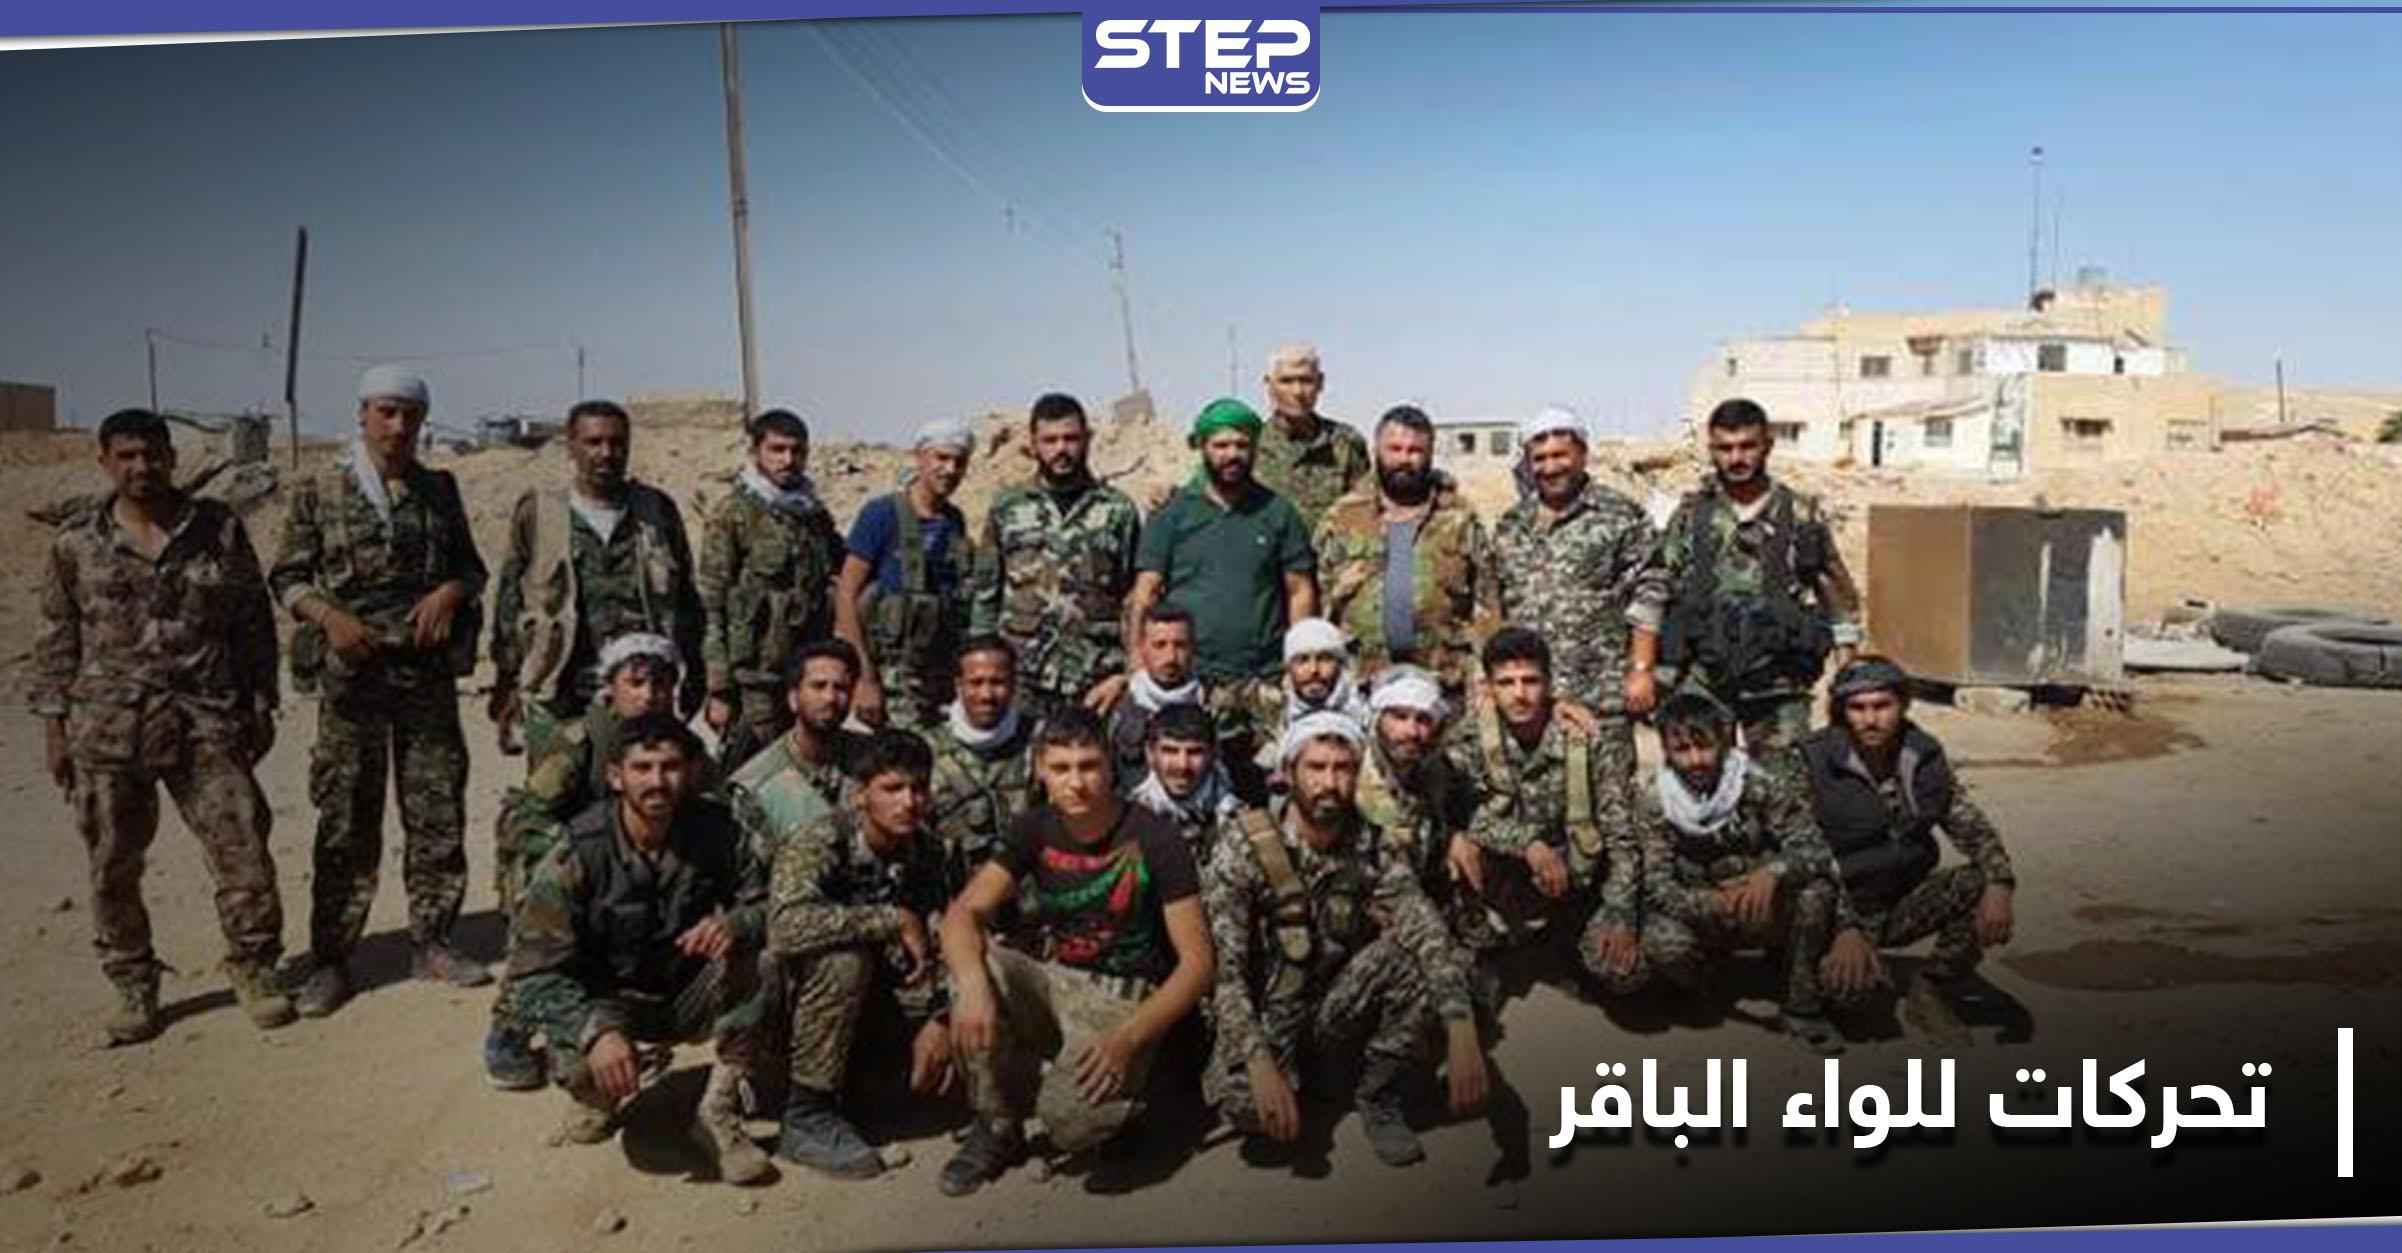 تعزيزات عسكرية ضخمة لـ لواء الباقر الإيراني من حلب إلى خارجها